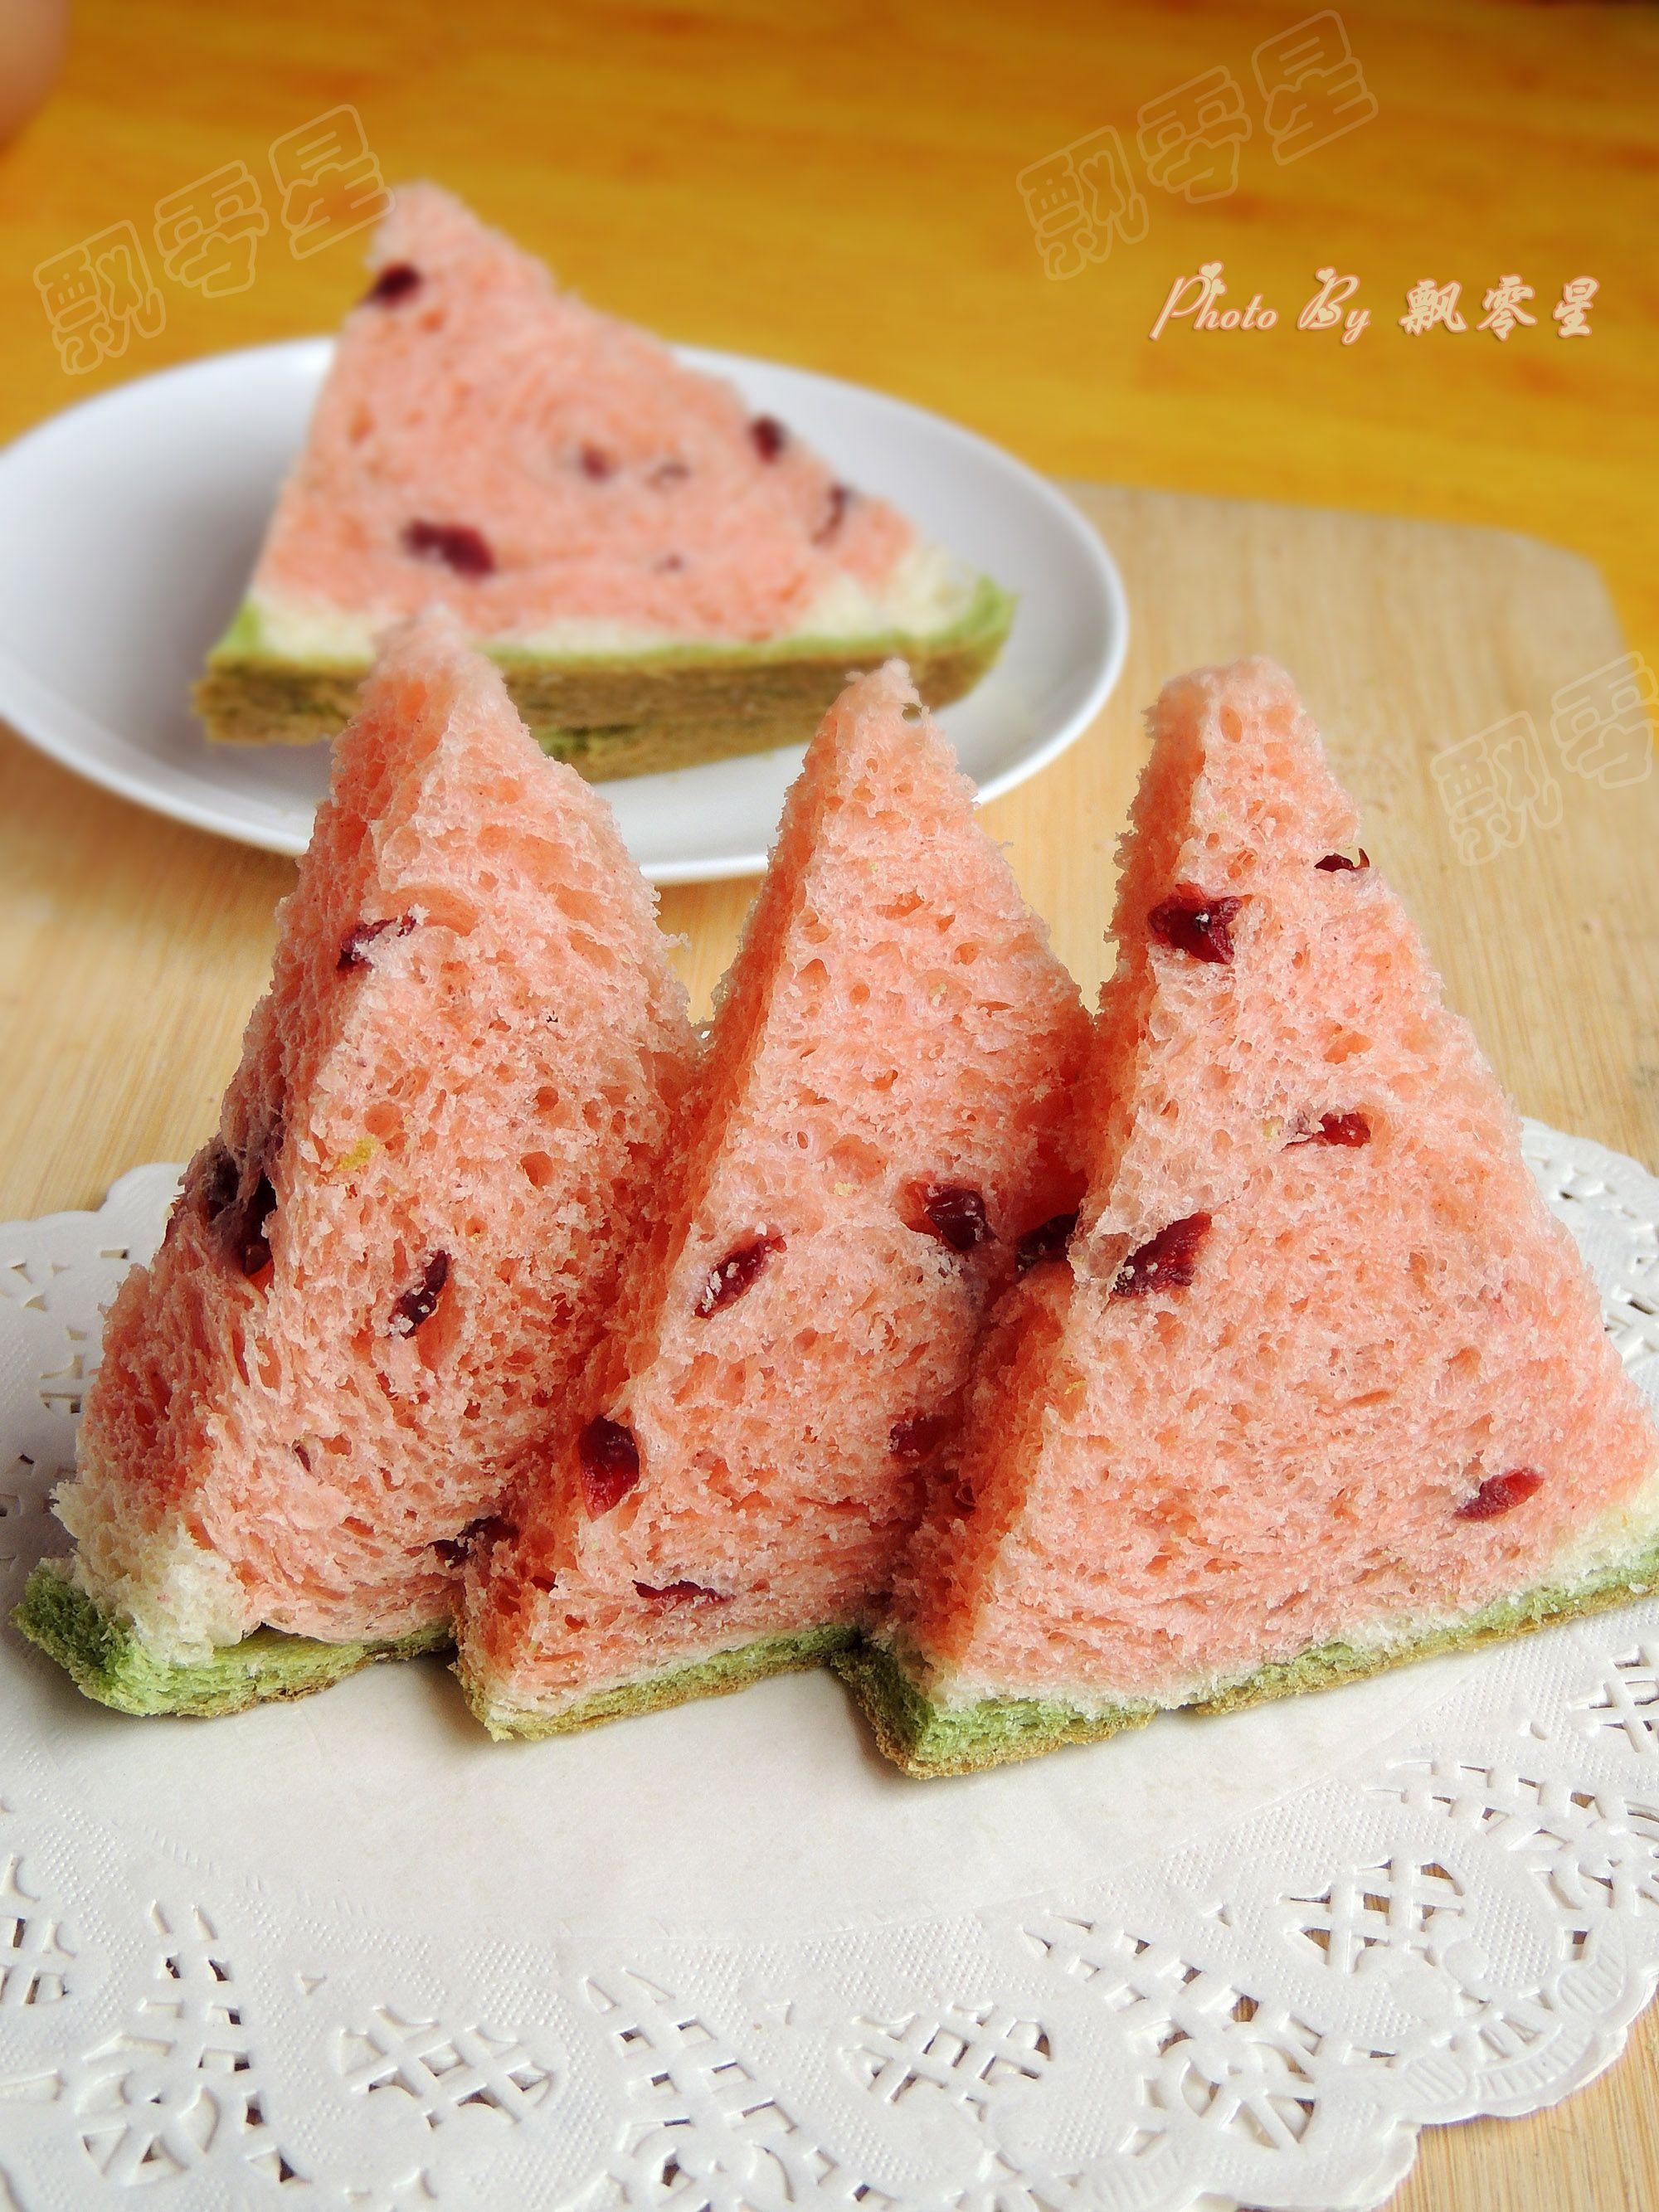 最近在電視新聞裡報導的台灣宜蘭西瓜吐司~ 還登上國際媒體~ 但其實不只台灣吃得到~